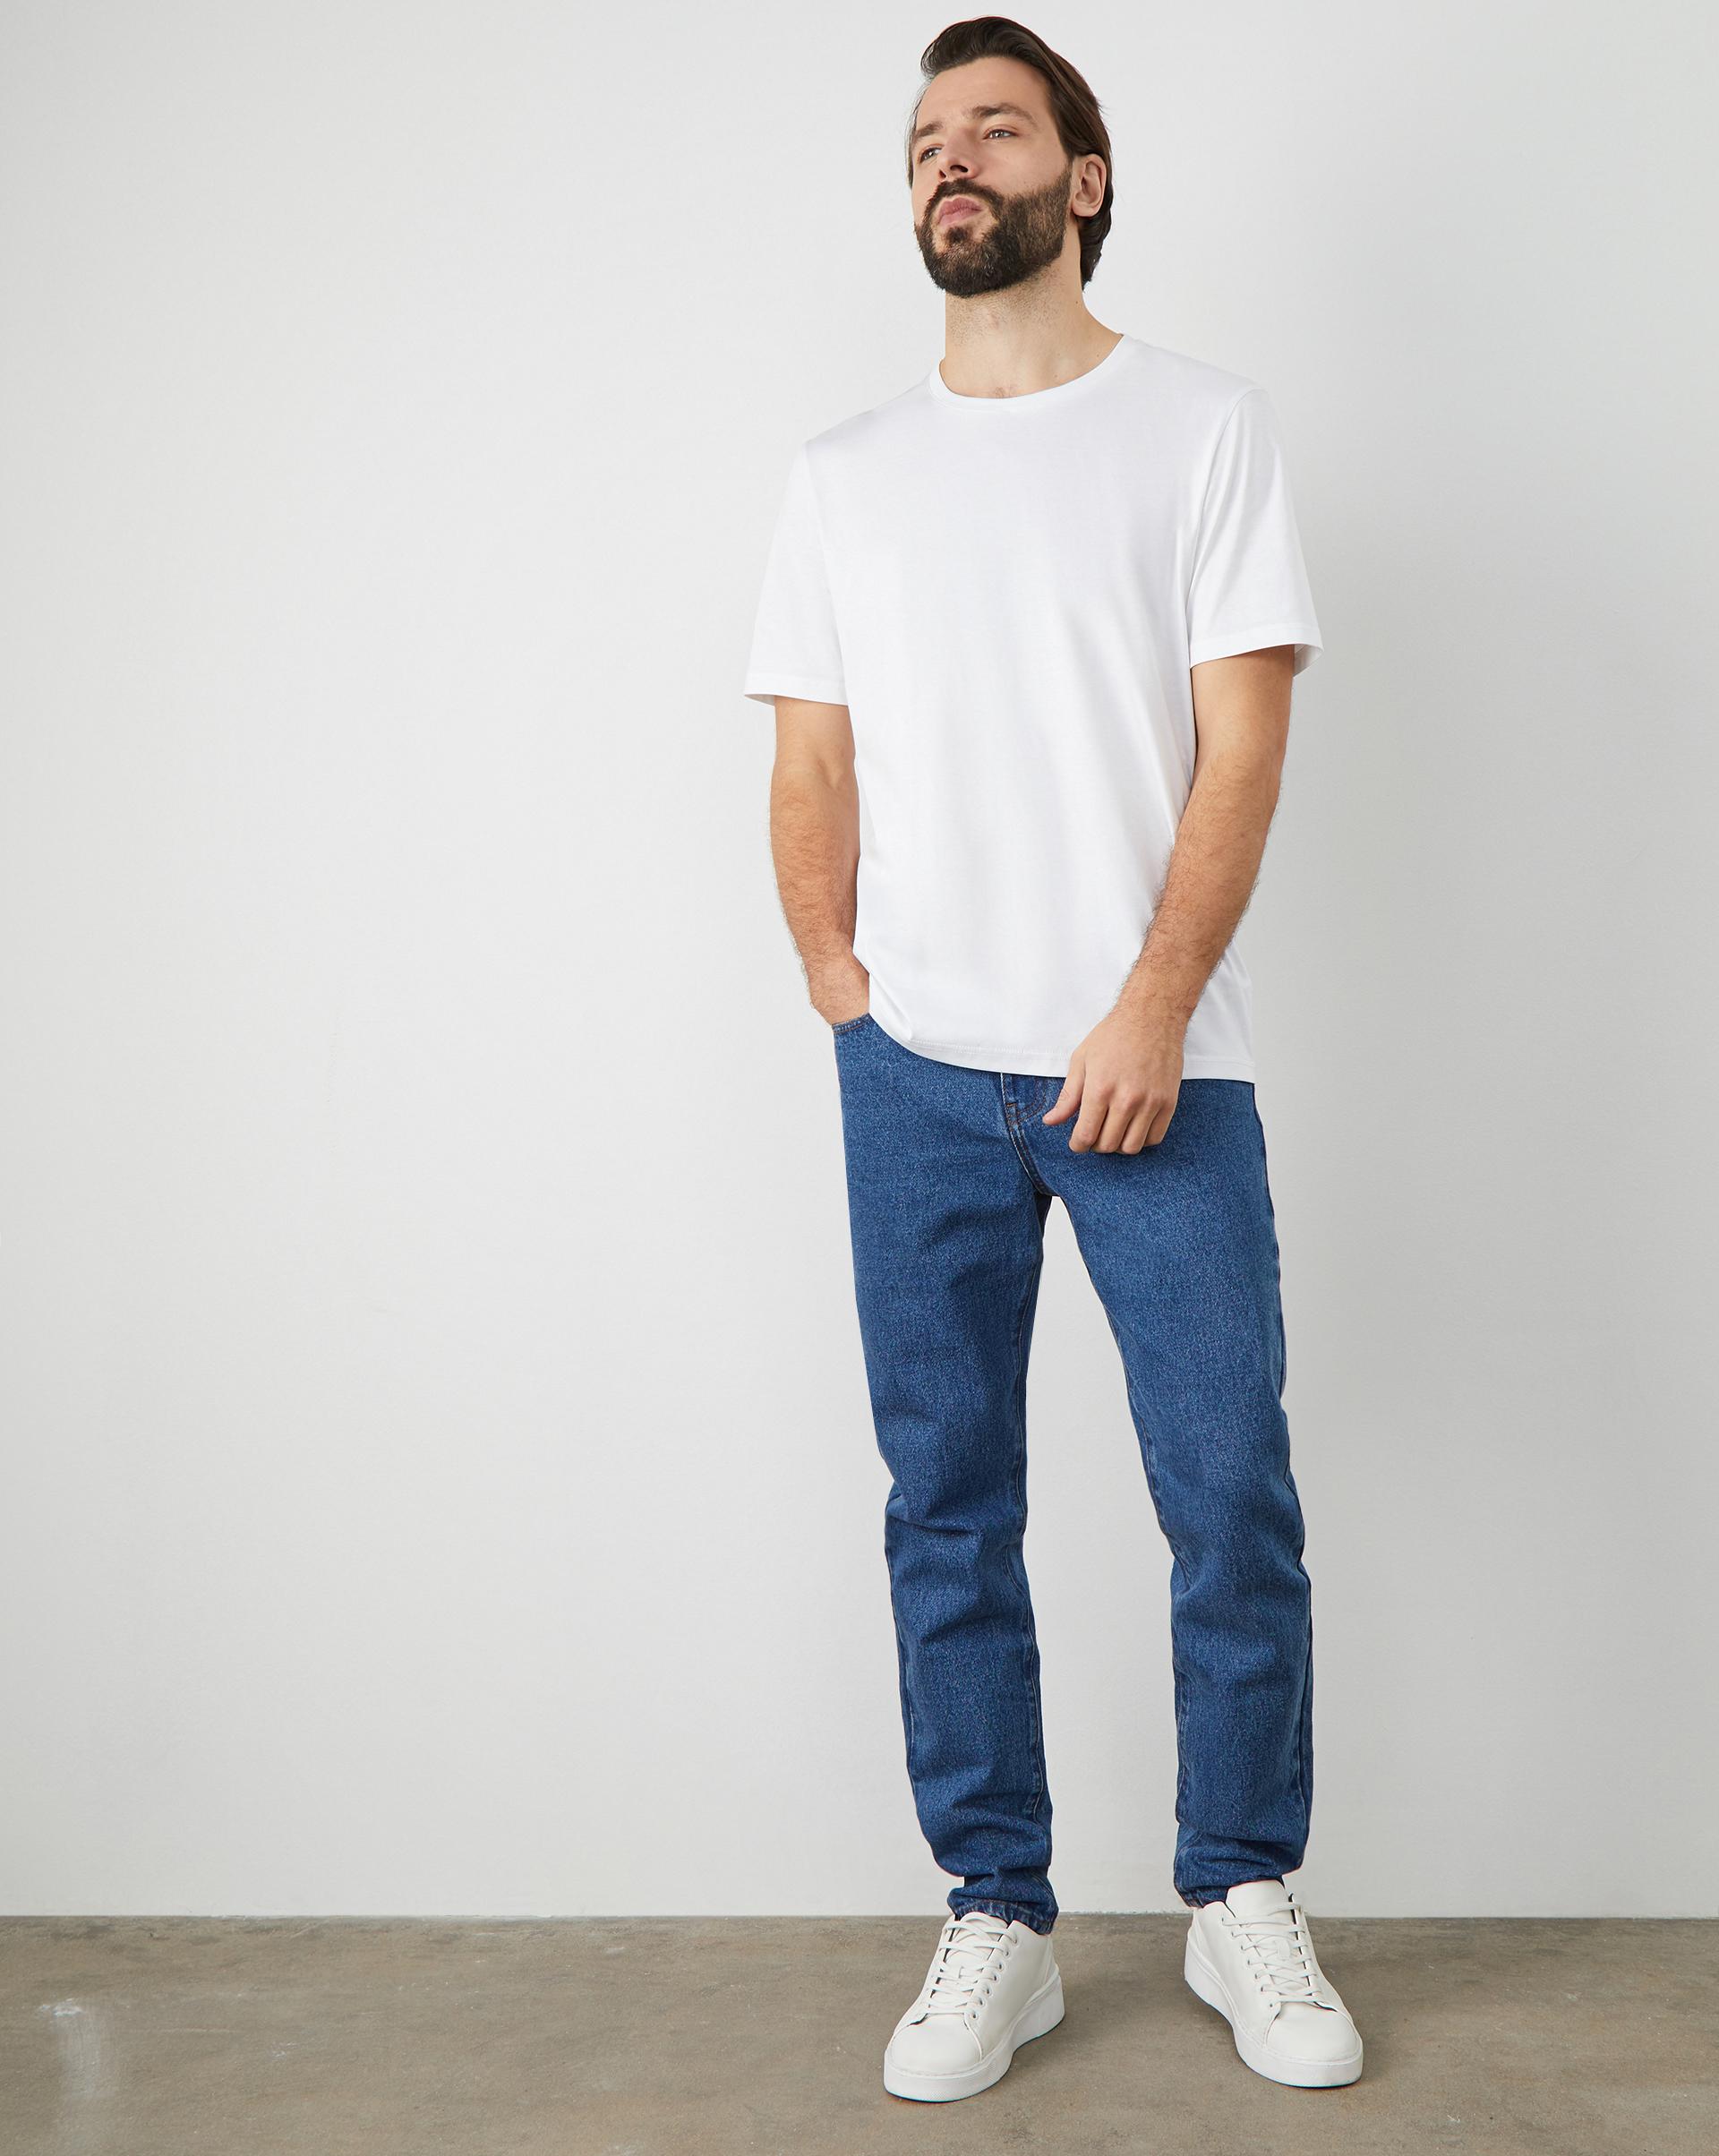 12⠀STOREEZ Джинсы прямые классические джинсы blugirl джинсы в стиле брюк